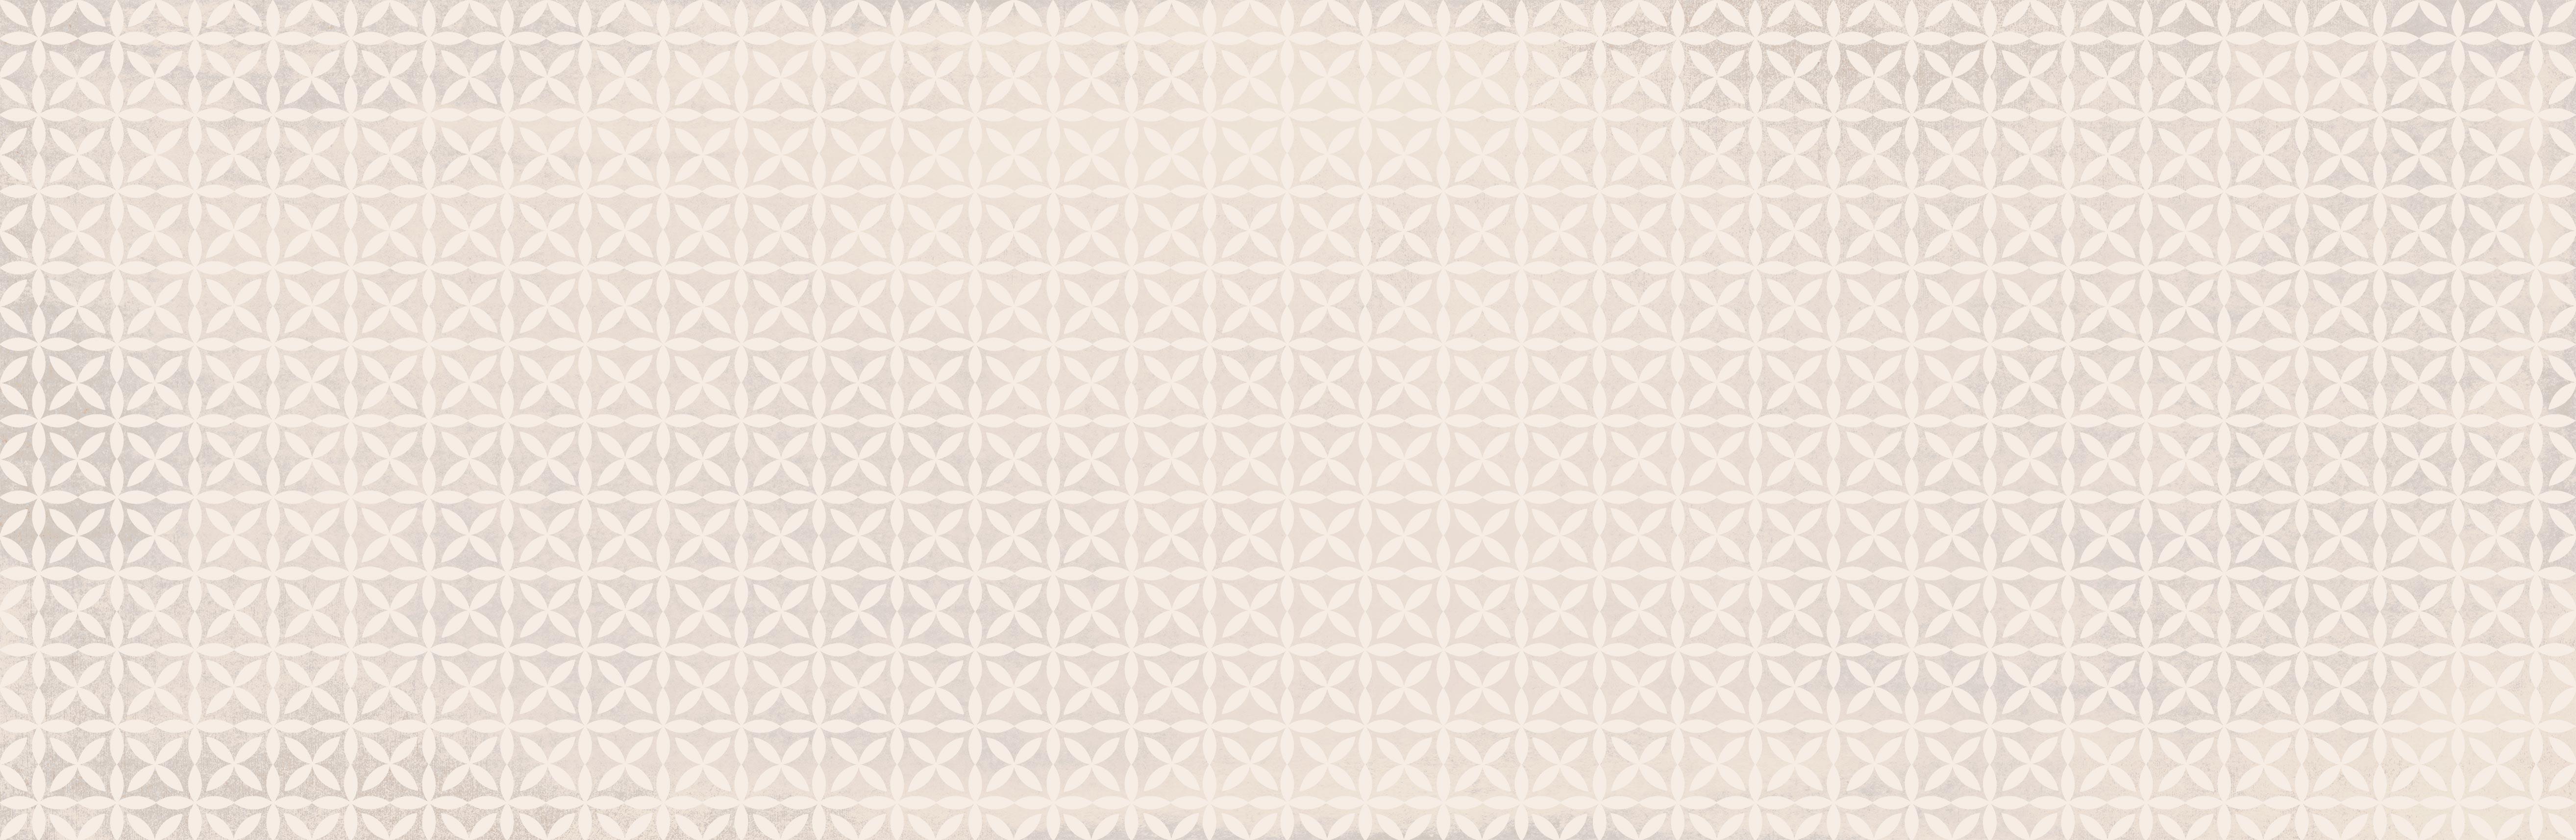 Купить Керамическая плитка Mei Sandy Island светло-бежевый (O-SAC-WID301-14) декор 29x89, Россия